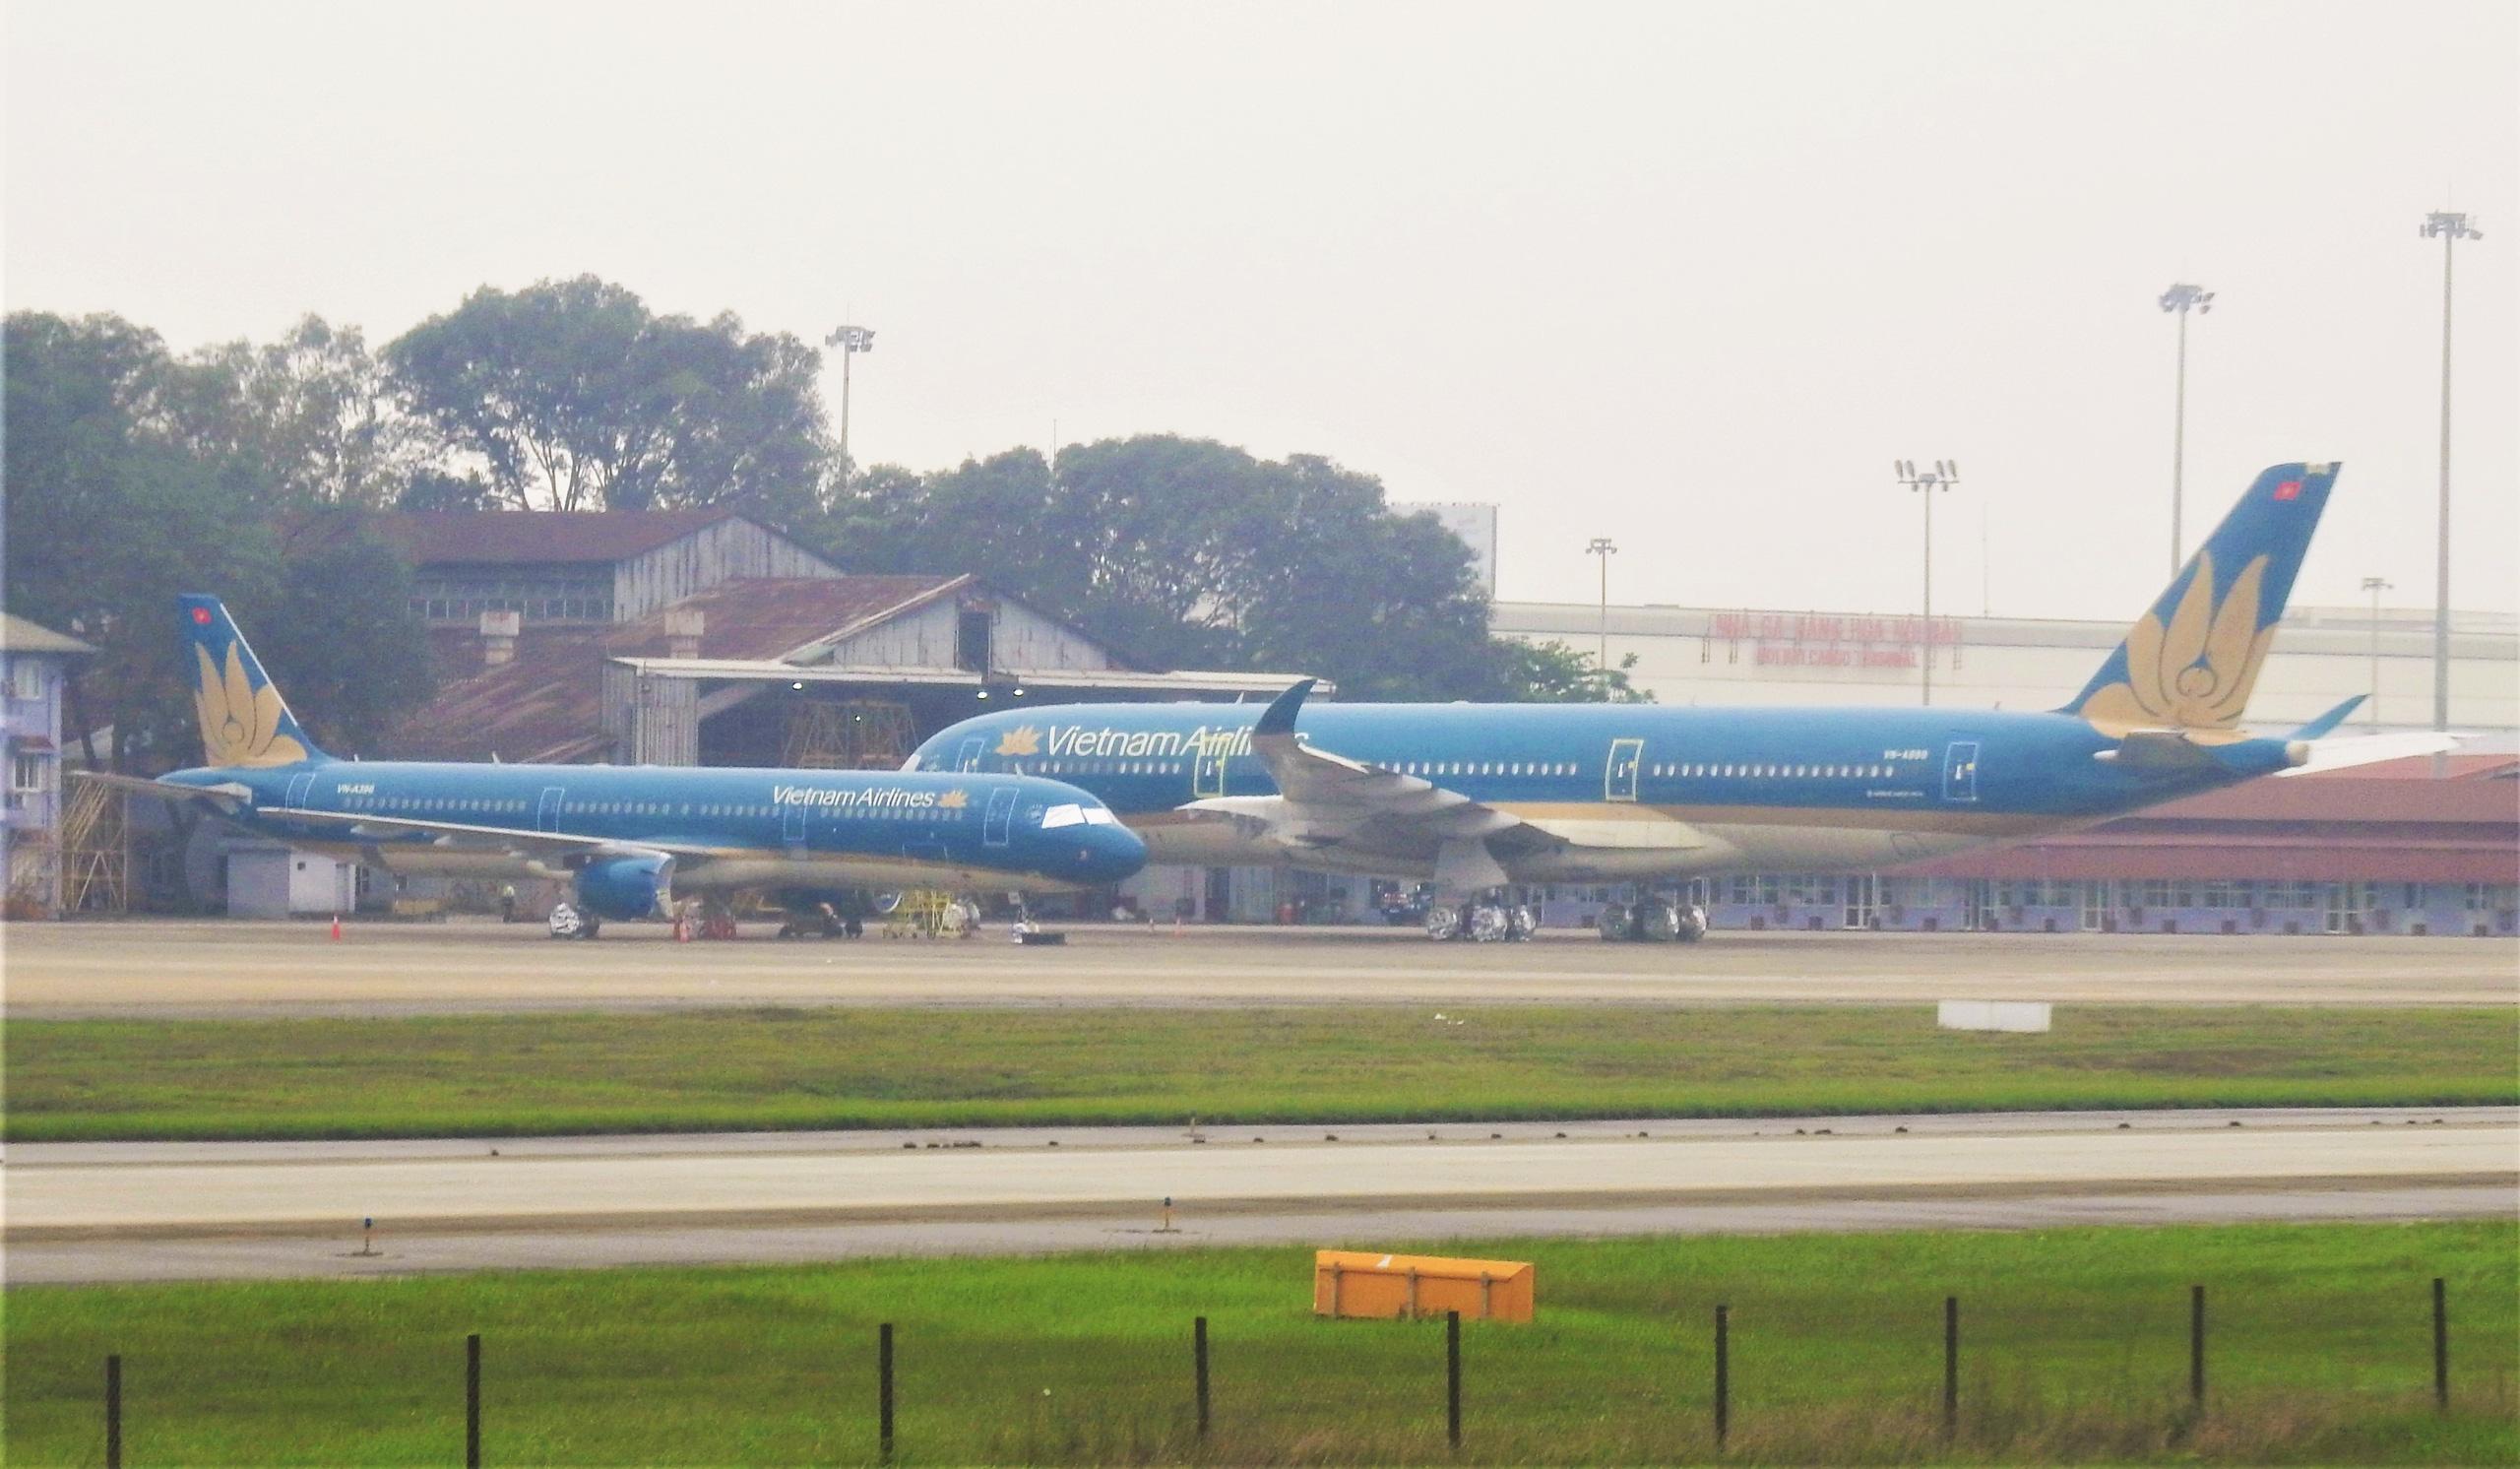 Cùng là doanh nghiệp Nhà nước về hàng không: Vietnam Airlines lo phá sản, ACV có hàng tỷ USD gửi ngân hàng - Ảnh 1.